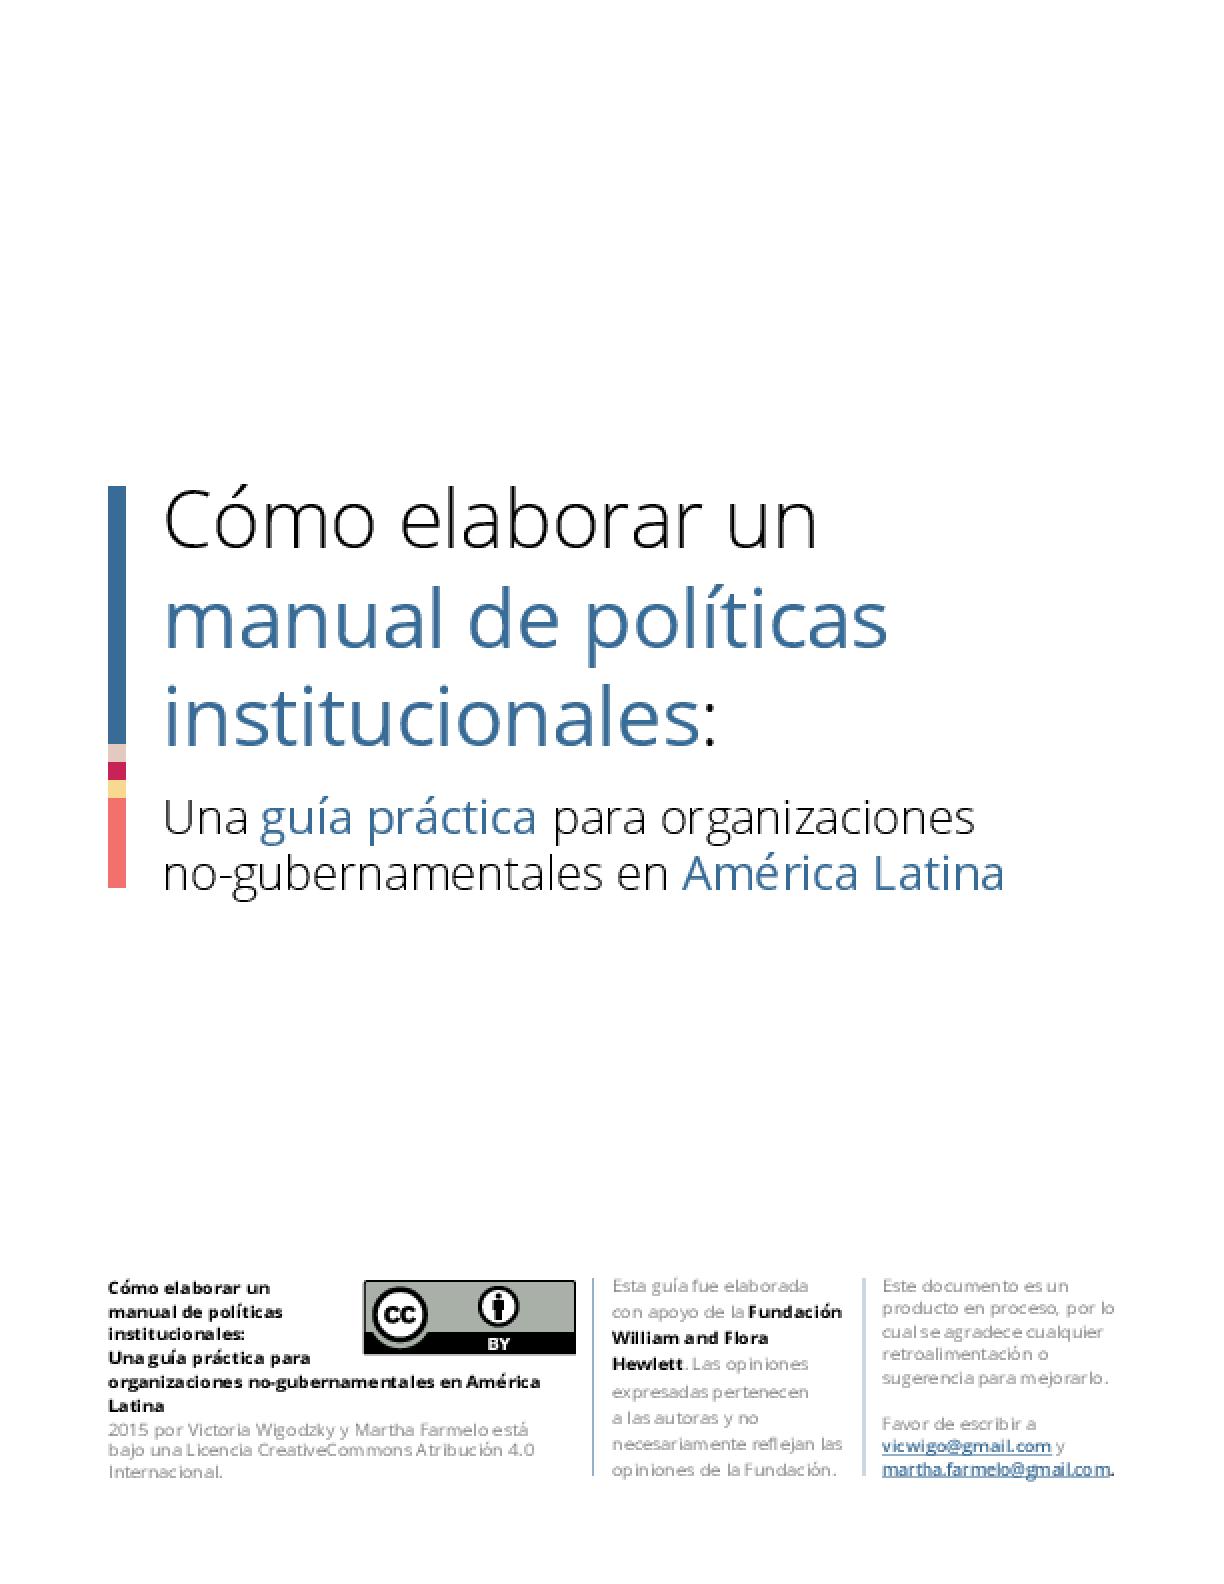 Cómo elaborar un manual de políticas institucionales: Una guía práctica para organizaciones no-gubernamentales en América Latina